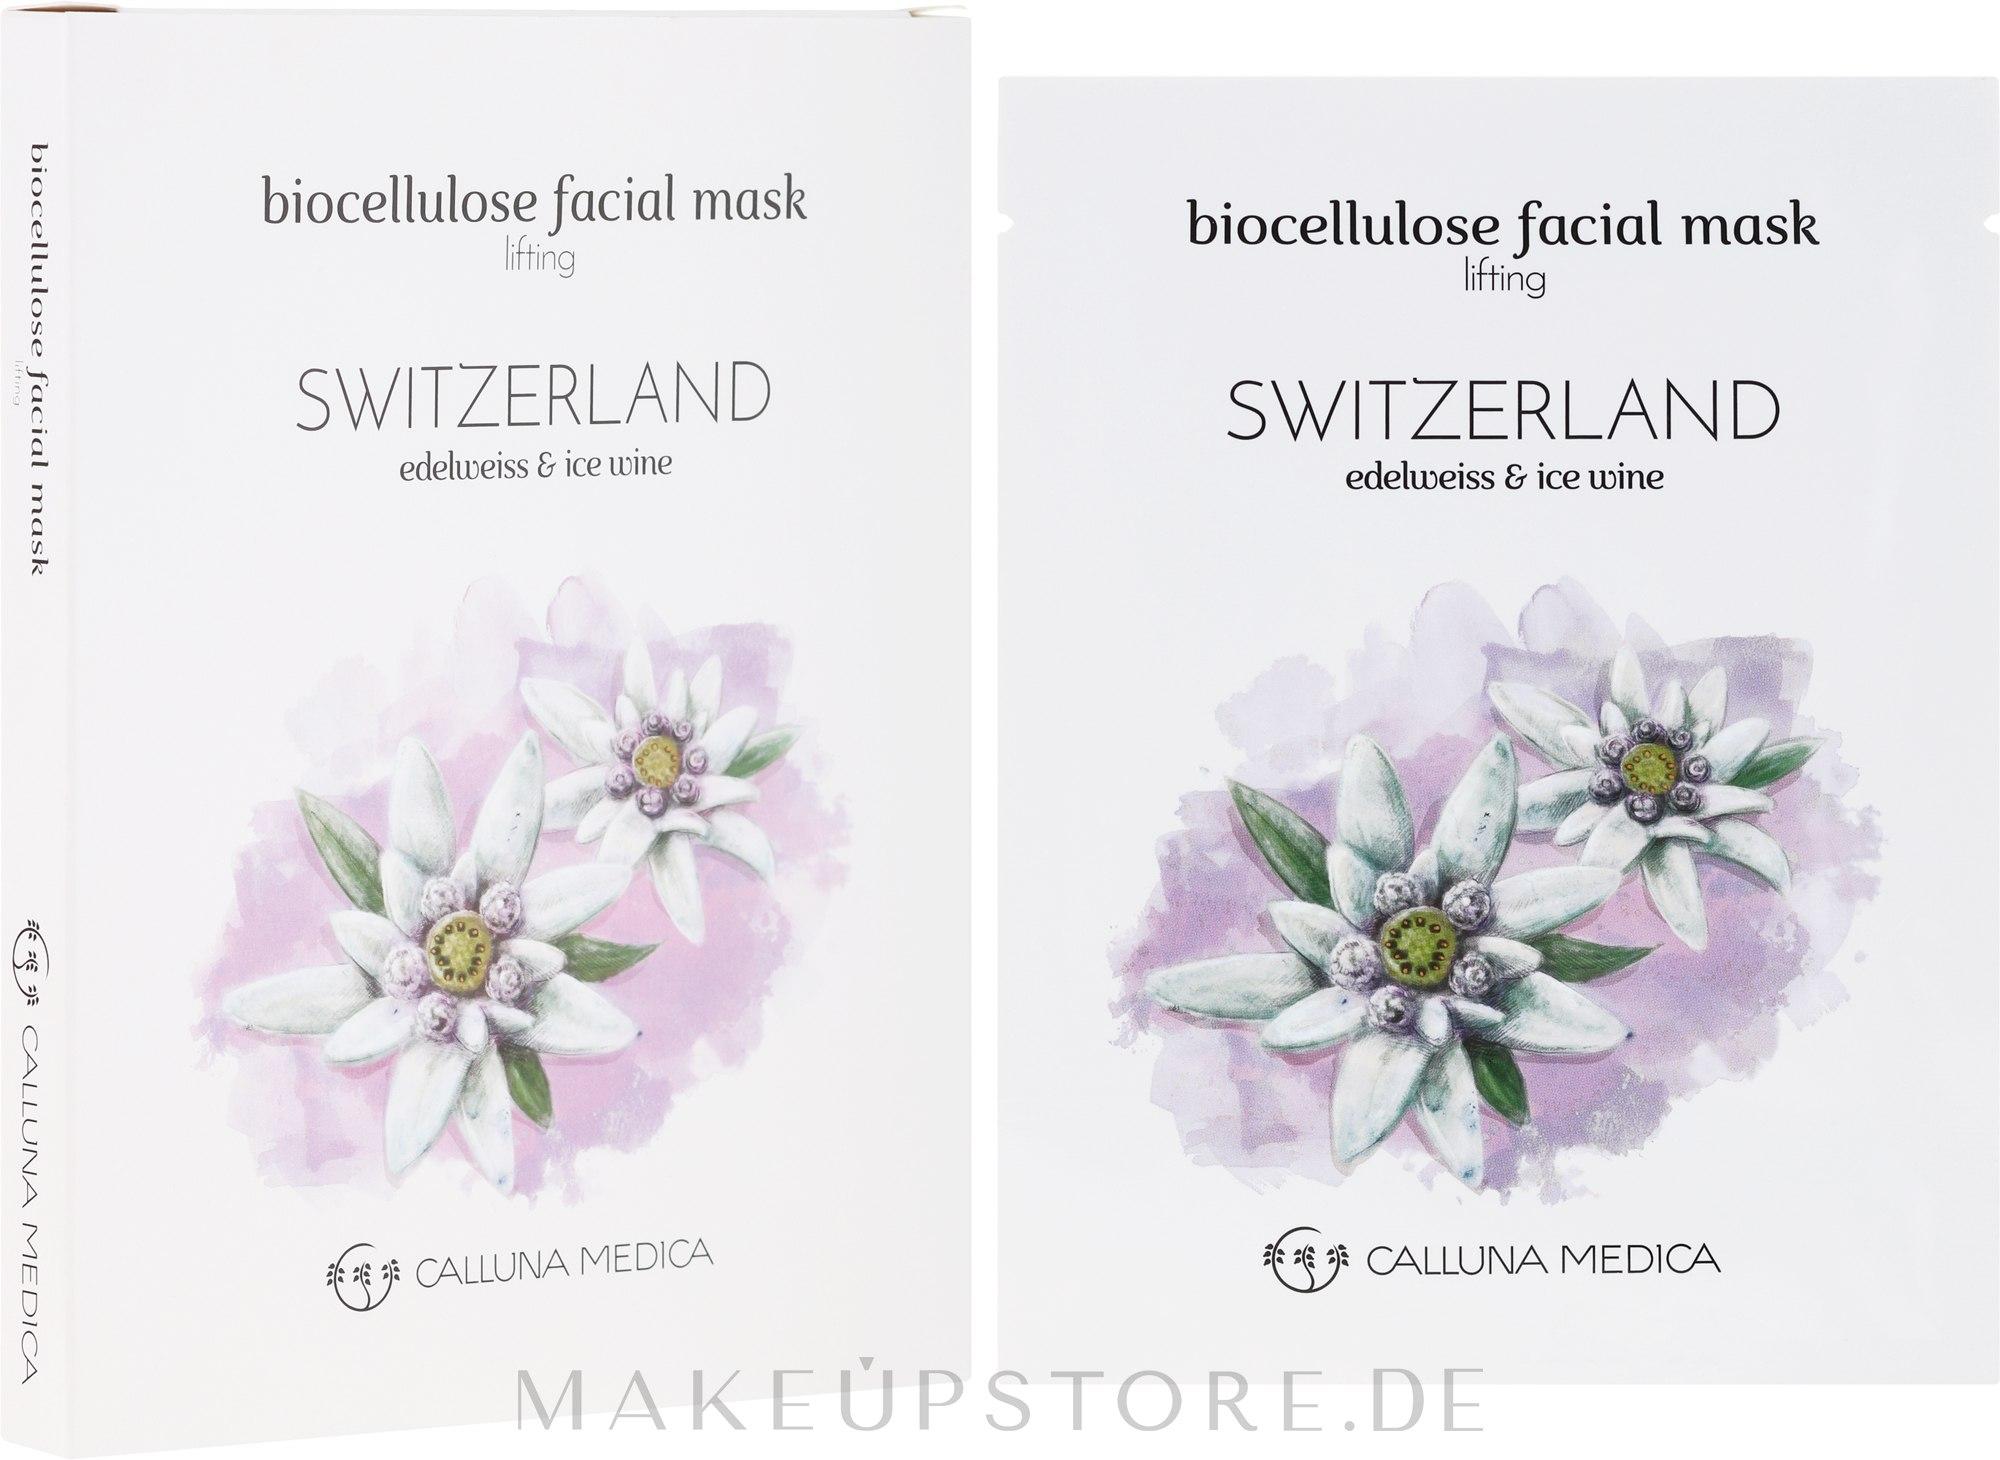 Tuchmaske für das Gesicht mit Lifting-Effekt Schweiz - Calluna Medica Switzerland Lifting Biocellulose Facial Mask — Bild 12 ml